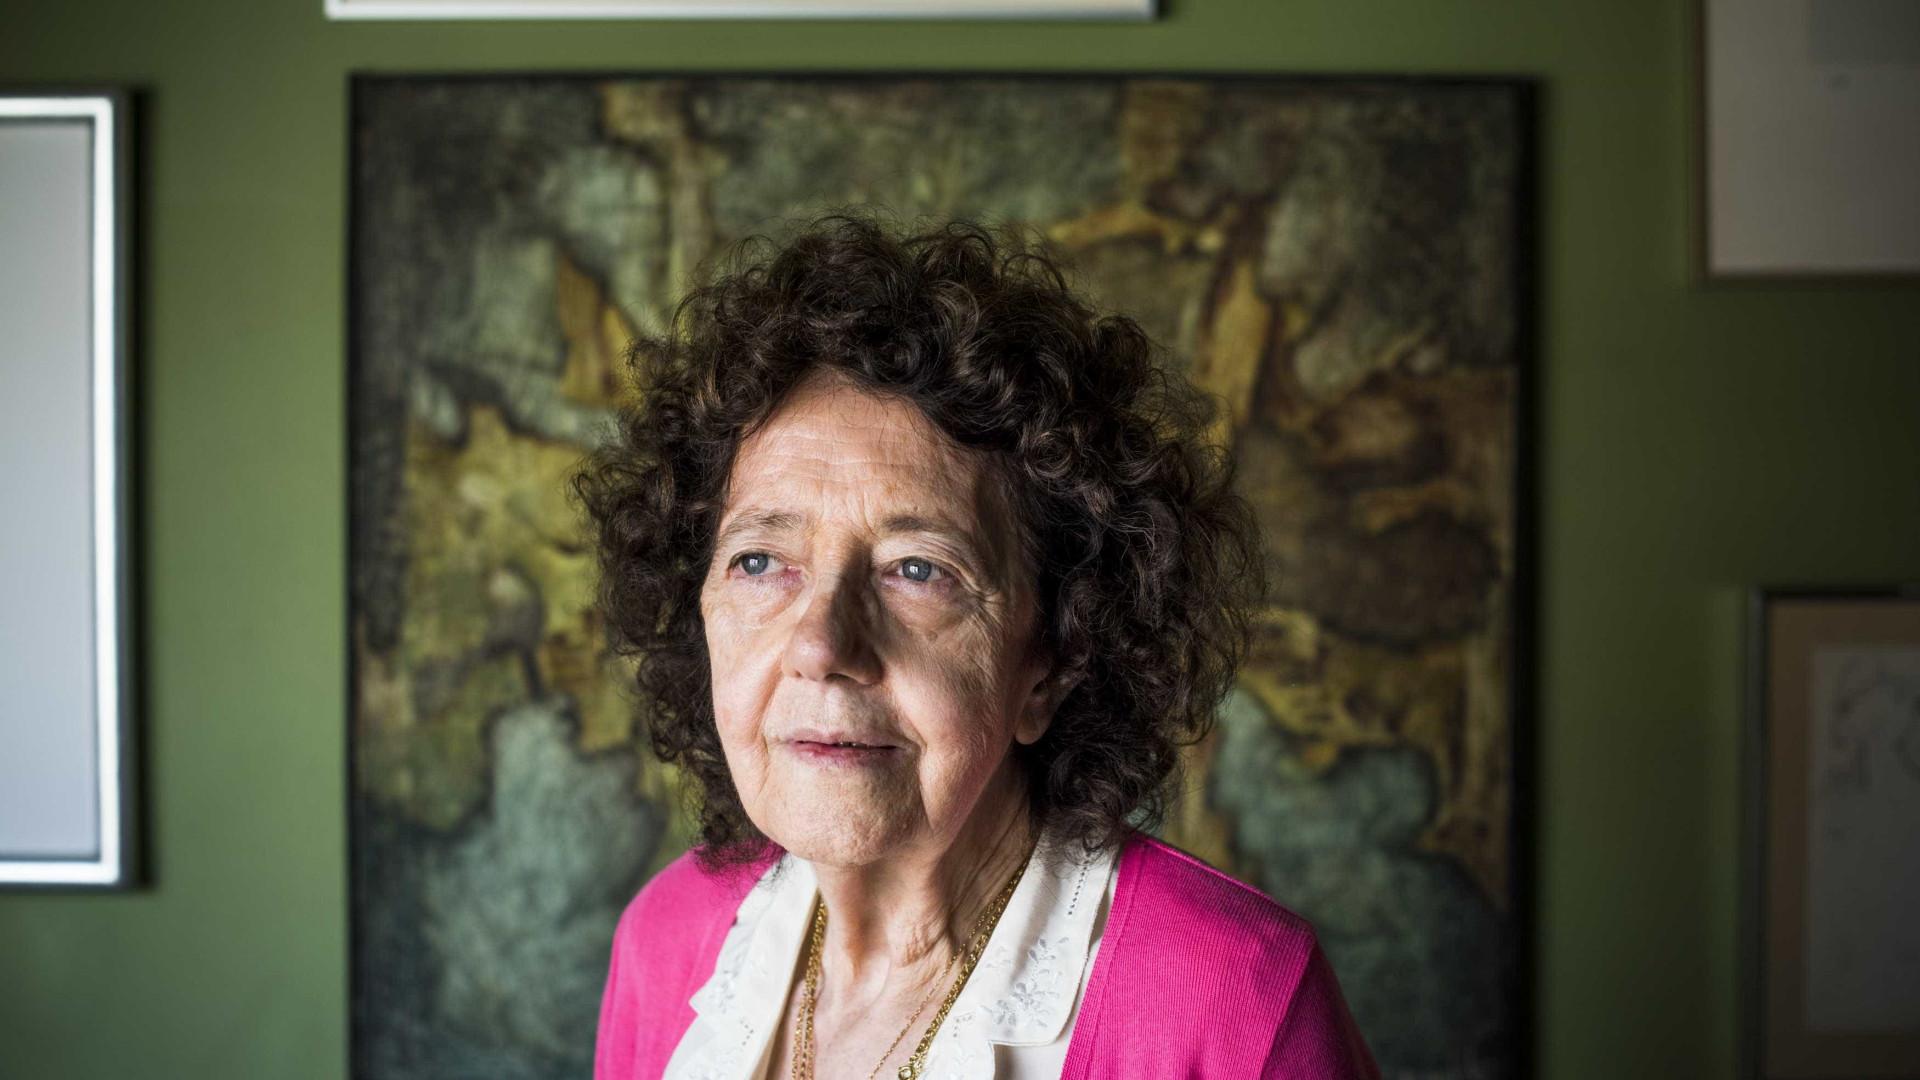 Maria Teresa Horta renunciou a Prémio Oceanos de Literatura em Língua Portuguesa